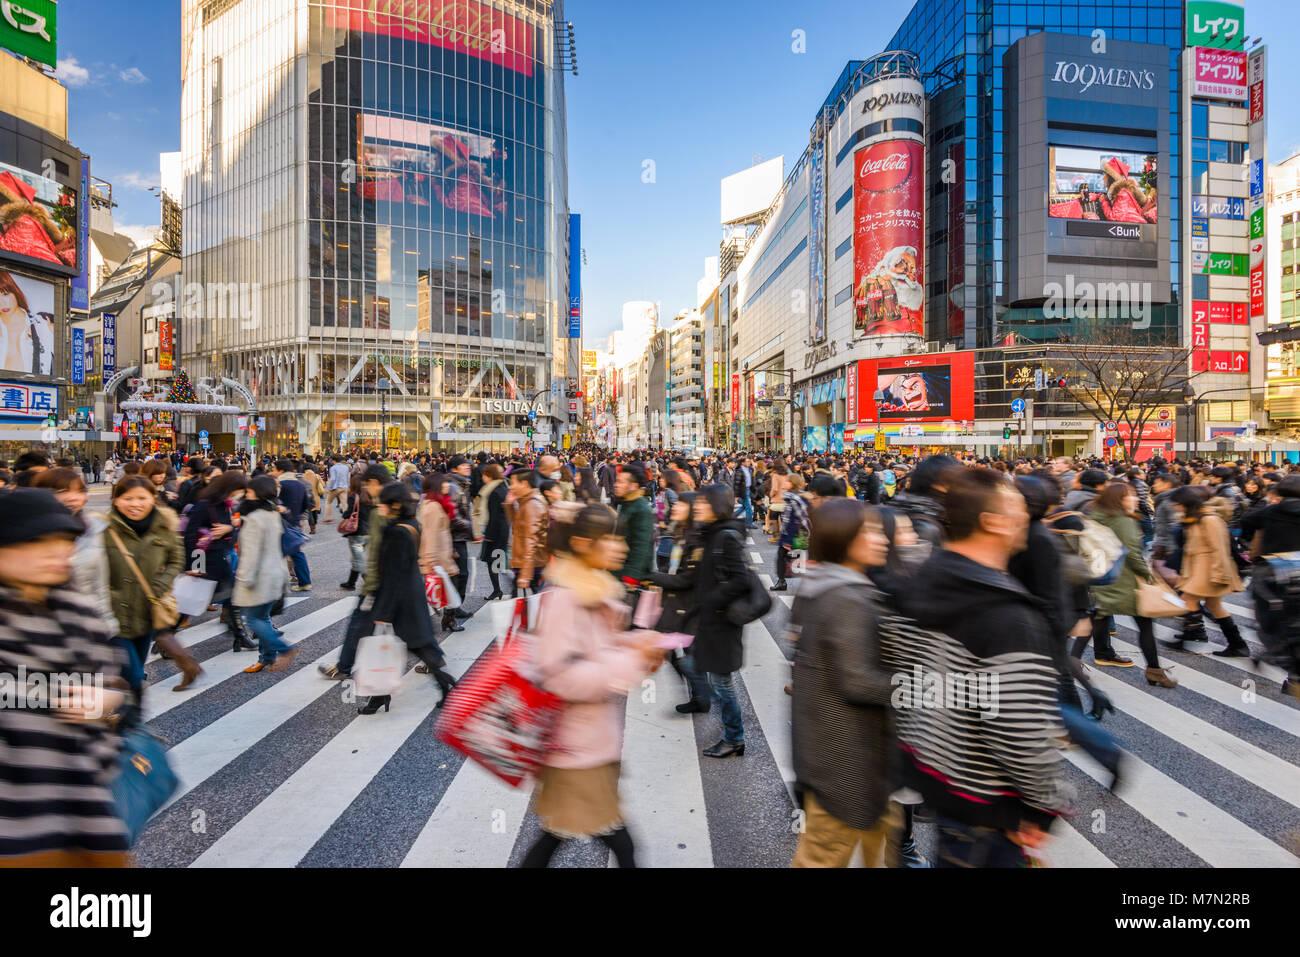 Dezember 24, 2012 - Tokio, Japan: Fußgänger Shibuya Crossing, einer der belebtesten Fussgängerstreifen Stockbild